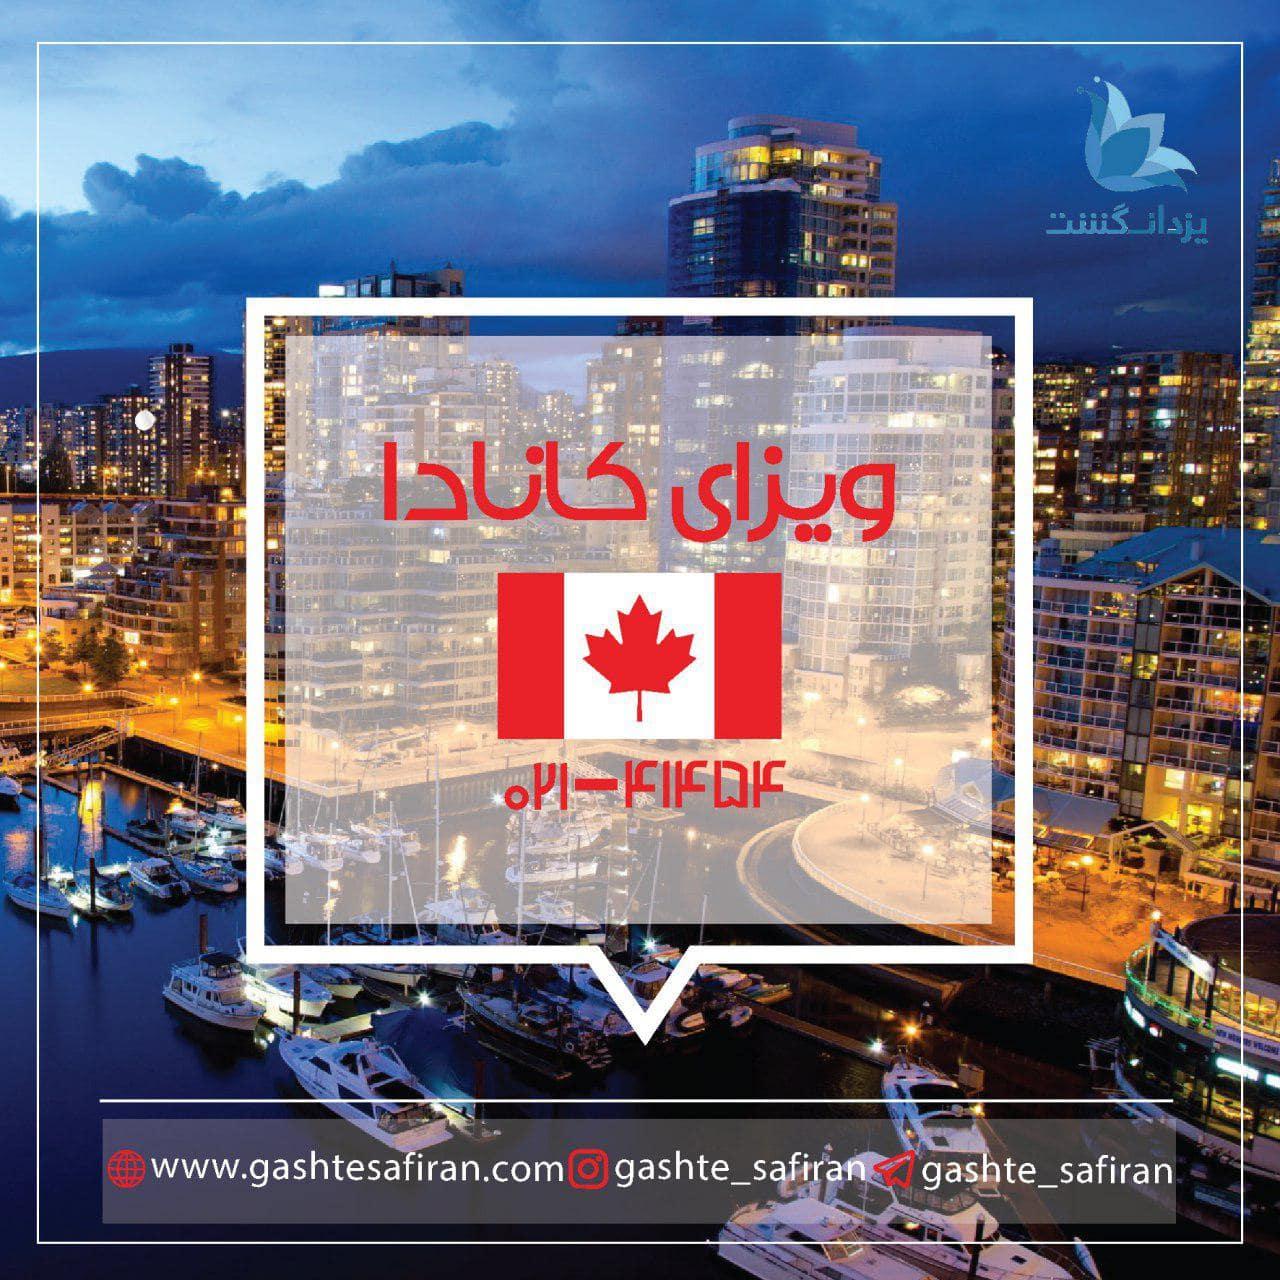 بریم مونترال کانادا